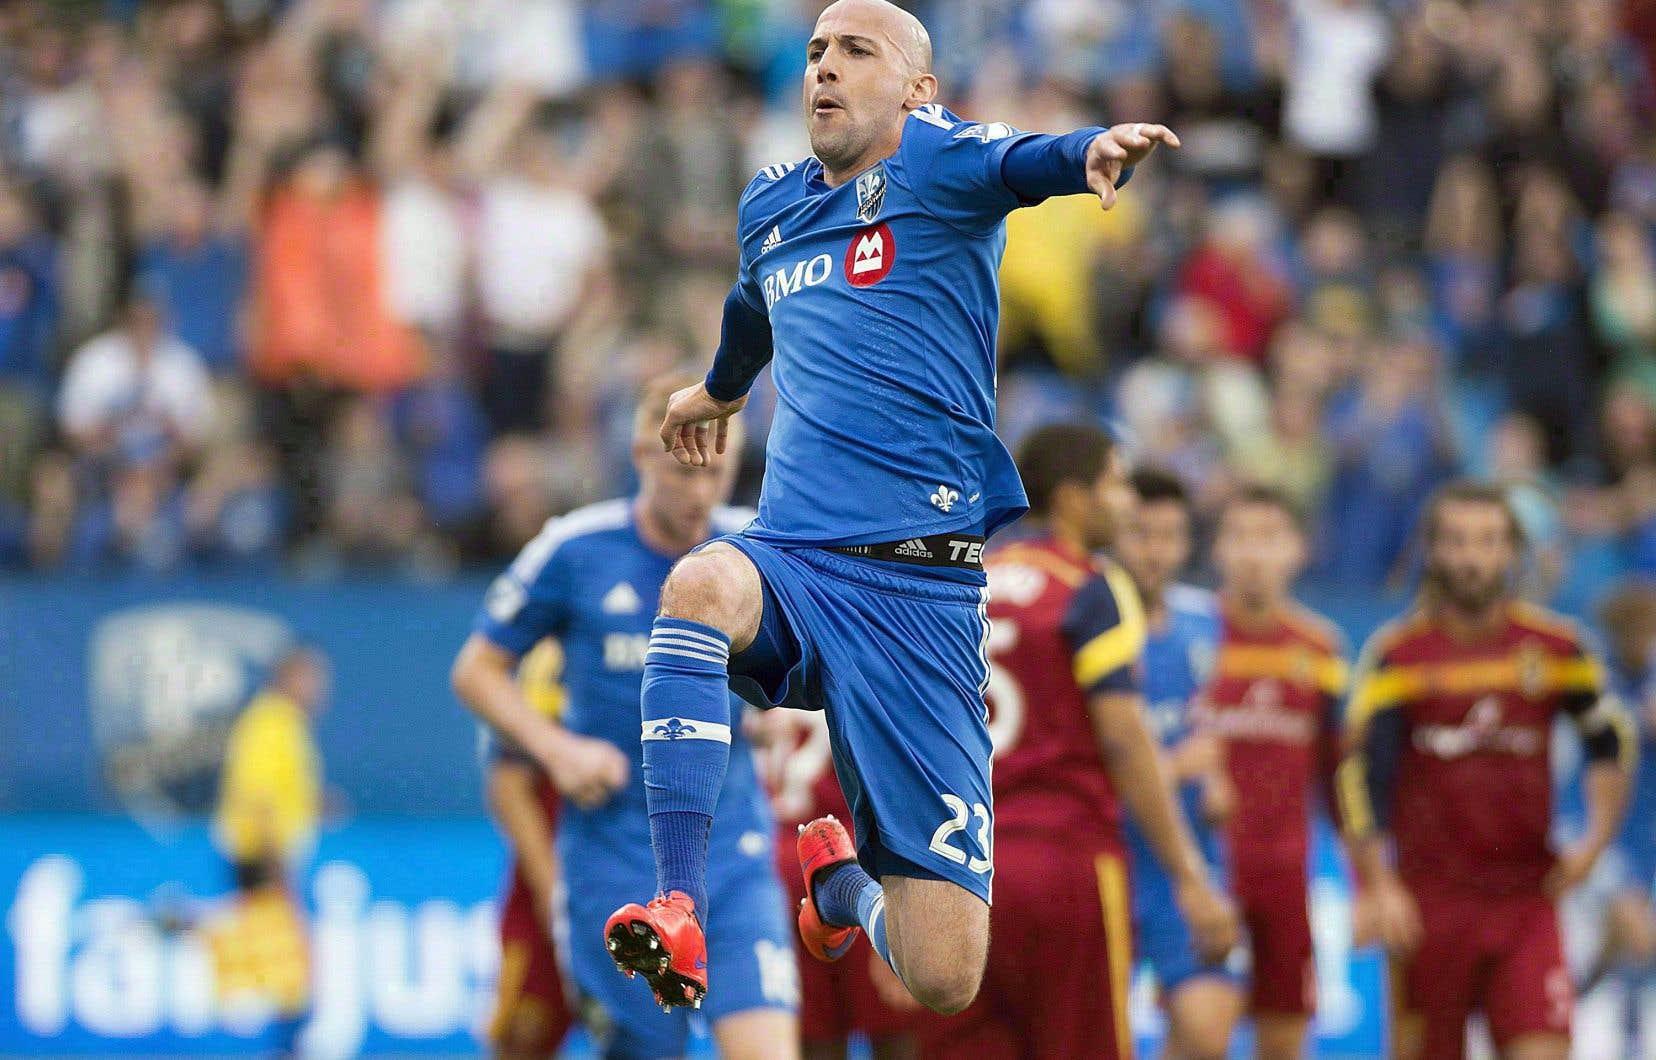 Le défenseur belge Laurent Ciman a disputé 85 matchs en 3 saisons avec l'Impact.